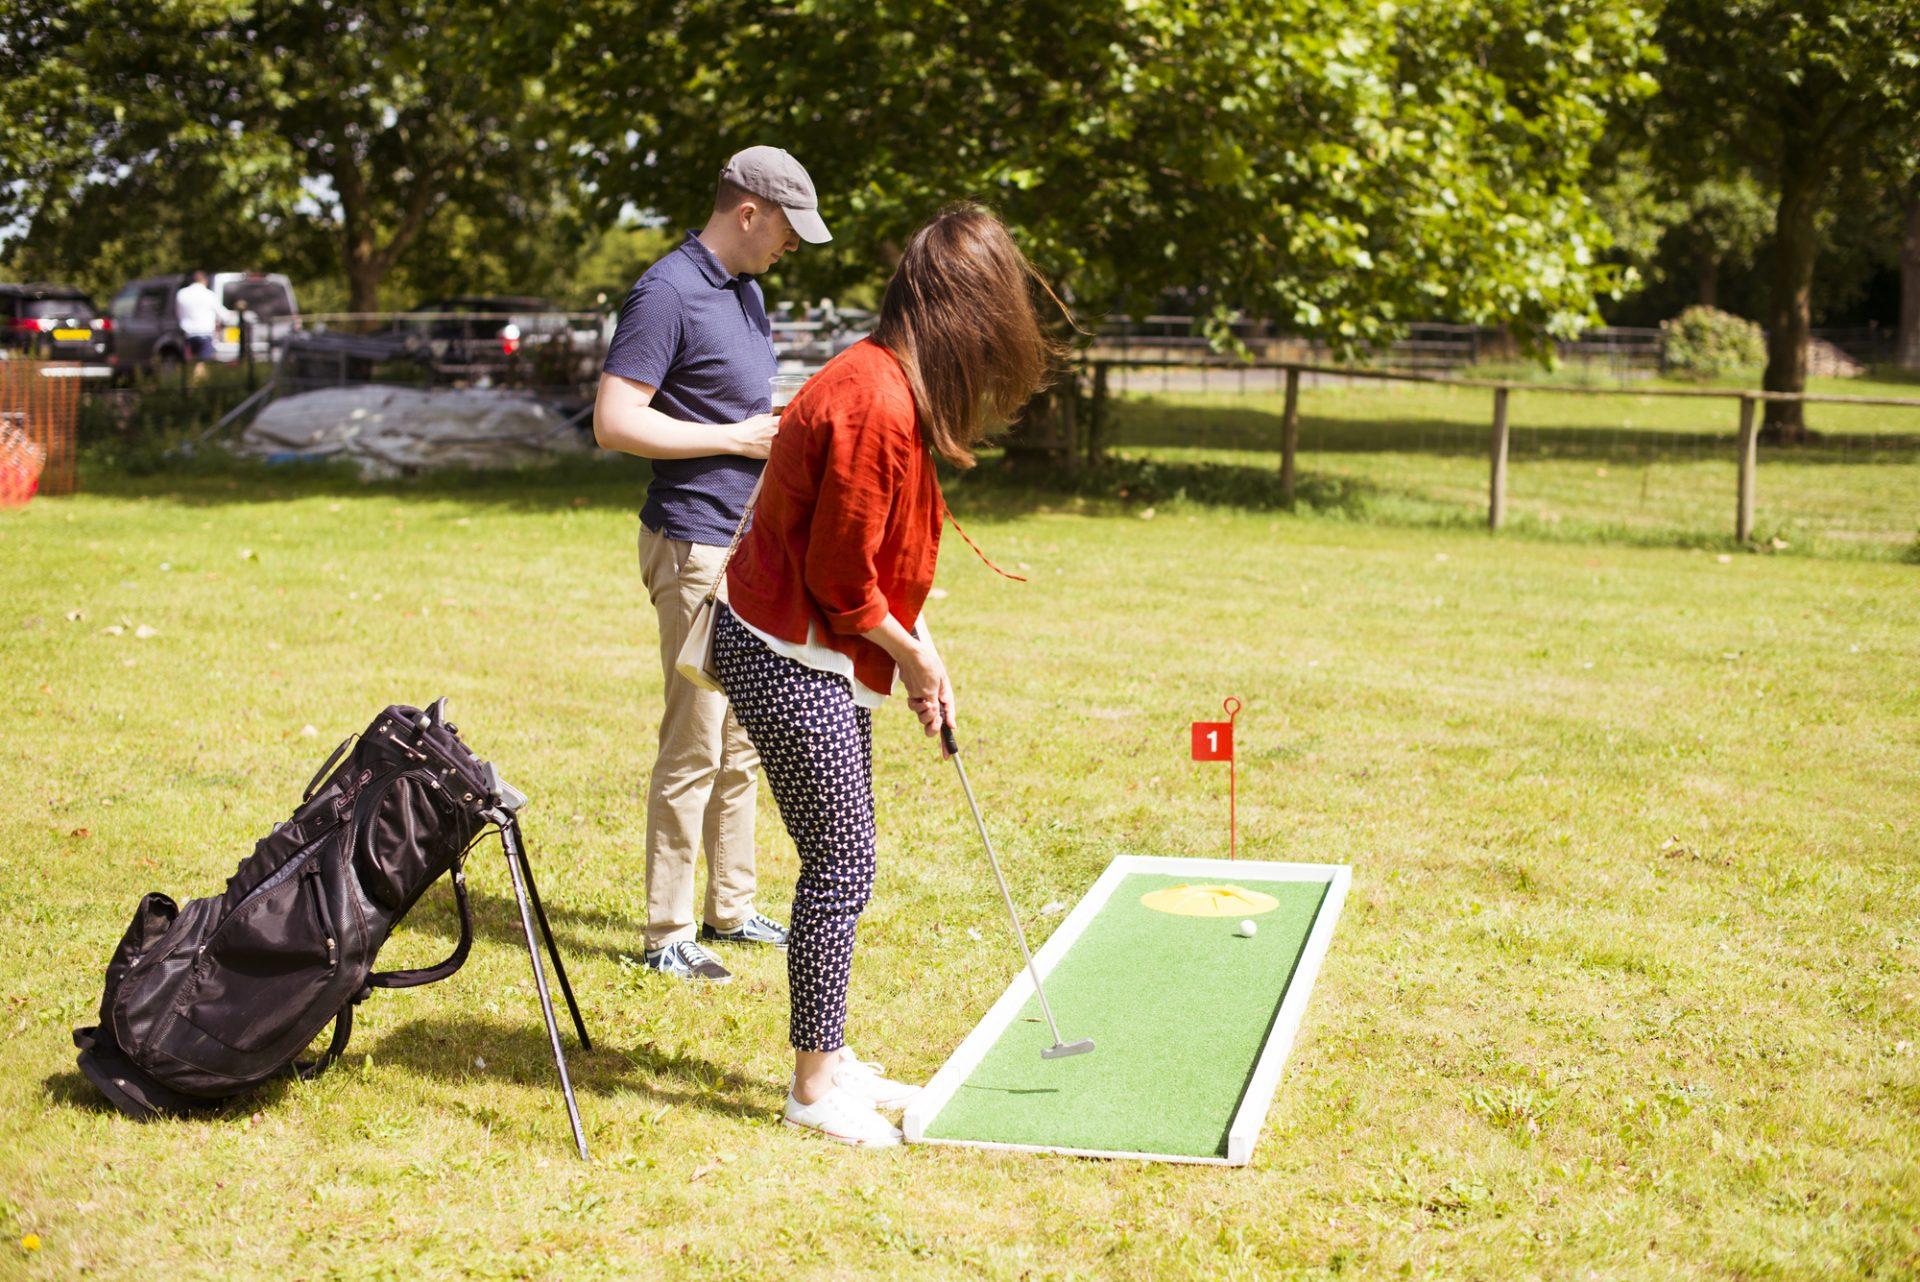 Mini Golf at Dallas Burston Polo Club